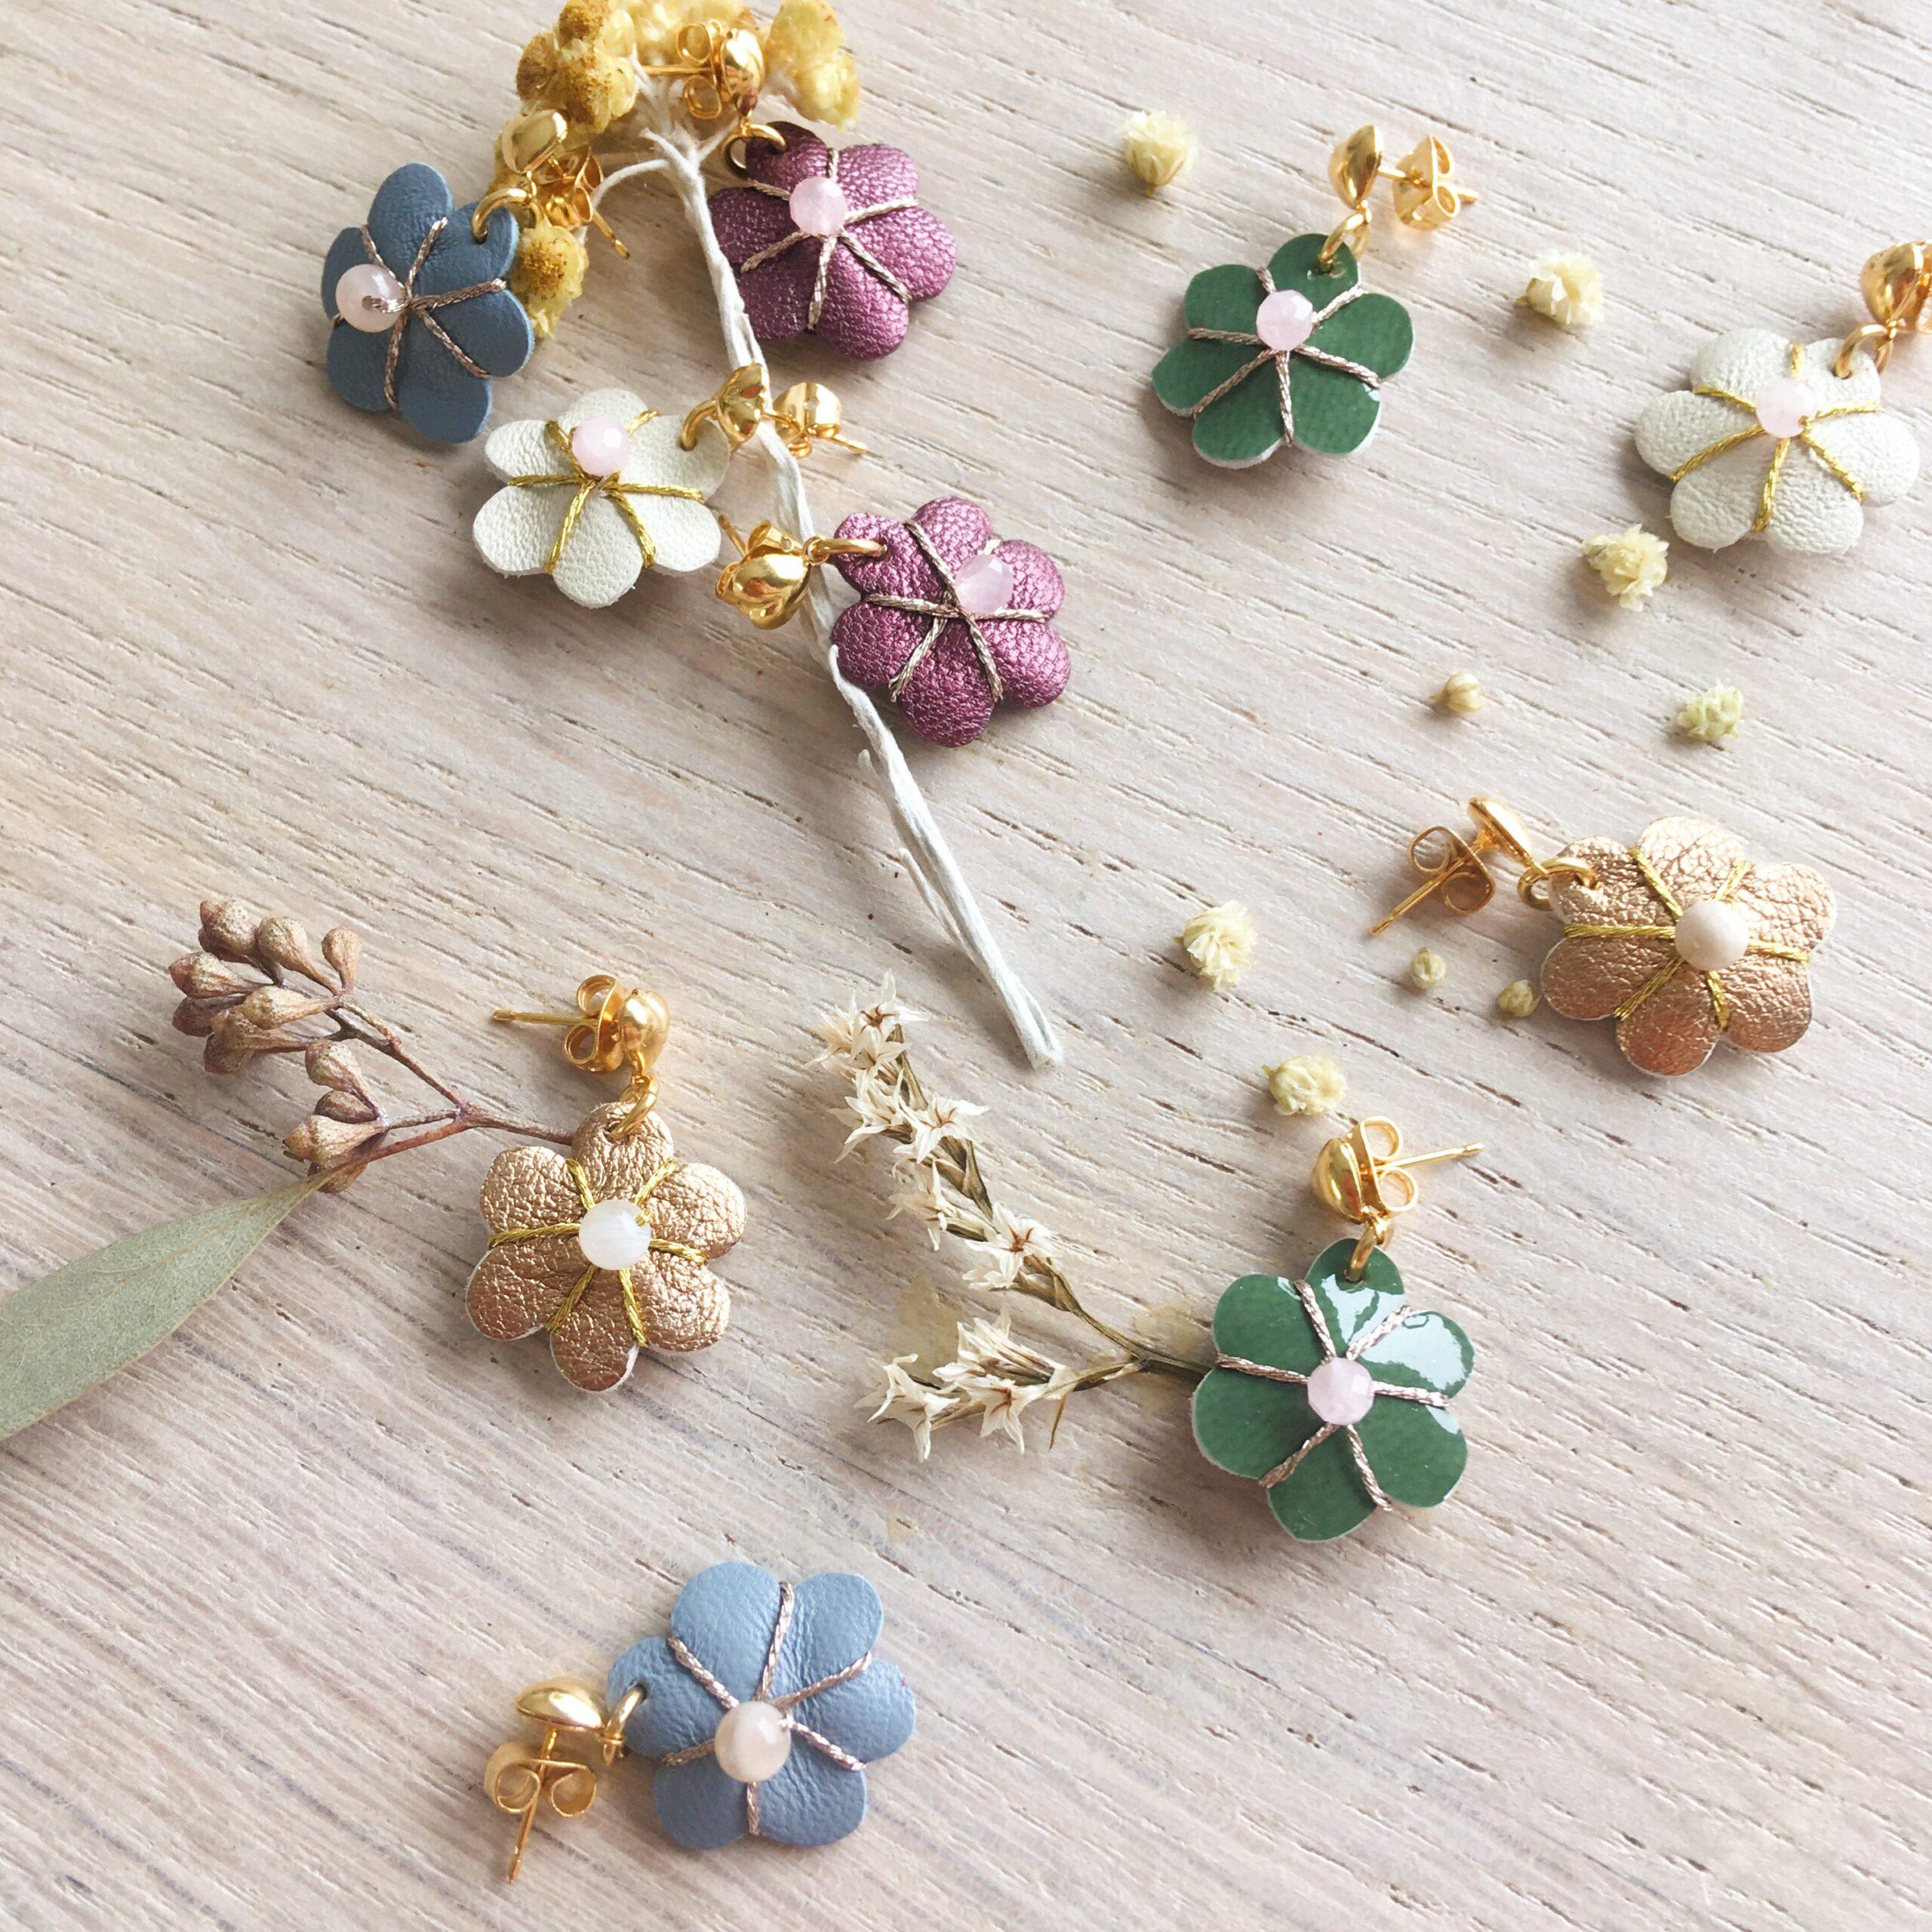 bijoux d'oreilles fleur en cuir bohème chic bijou créateur made in France - du vent dans mes valises